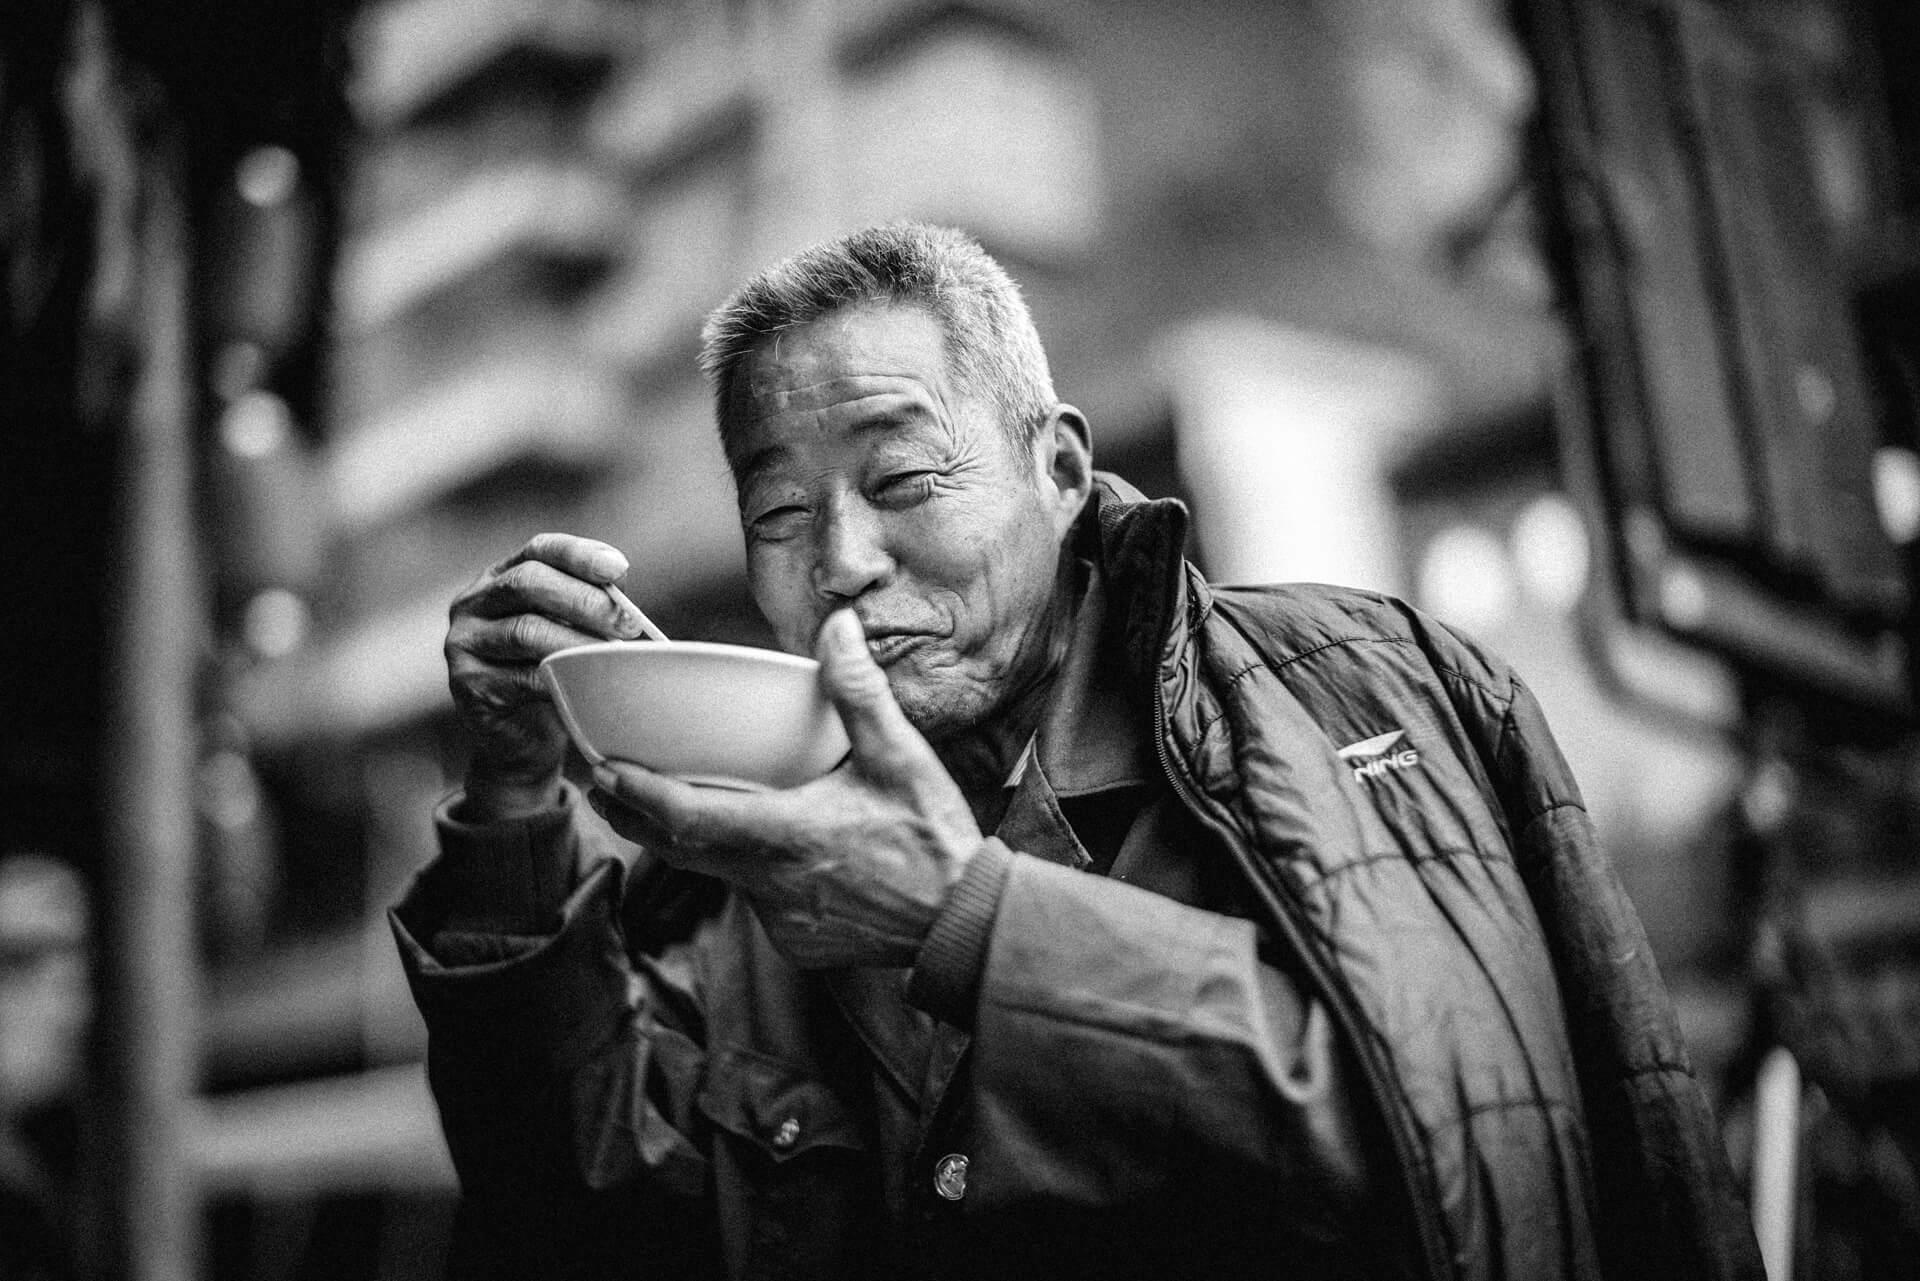 old-man-eating-on-bowl-3483771